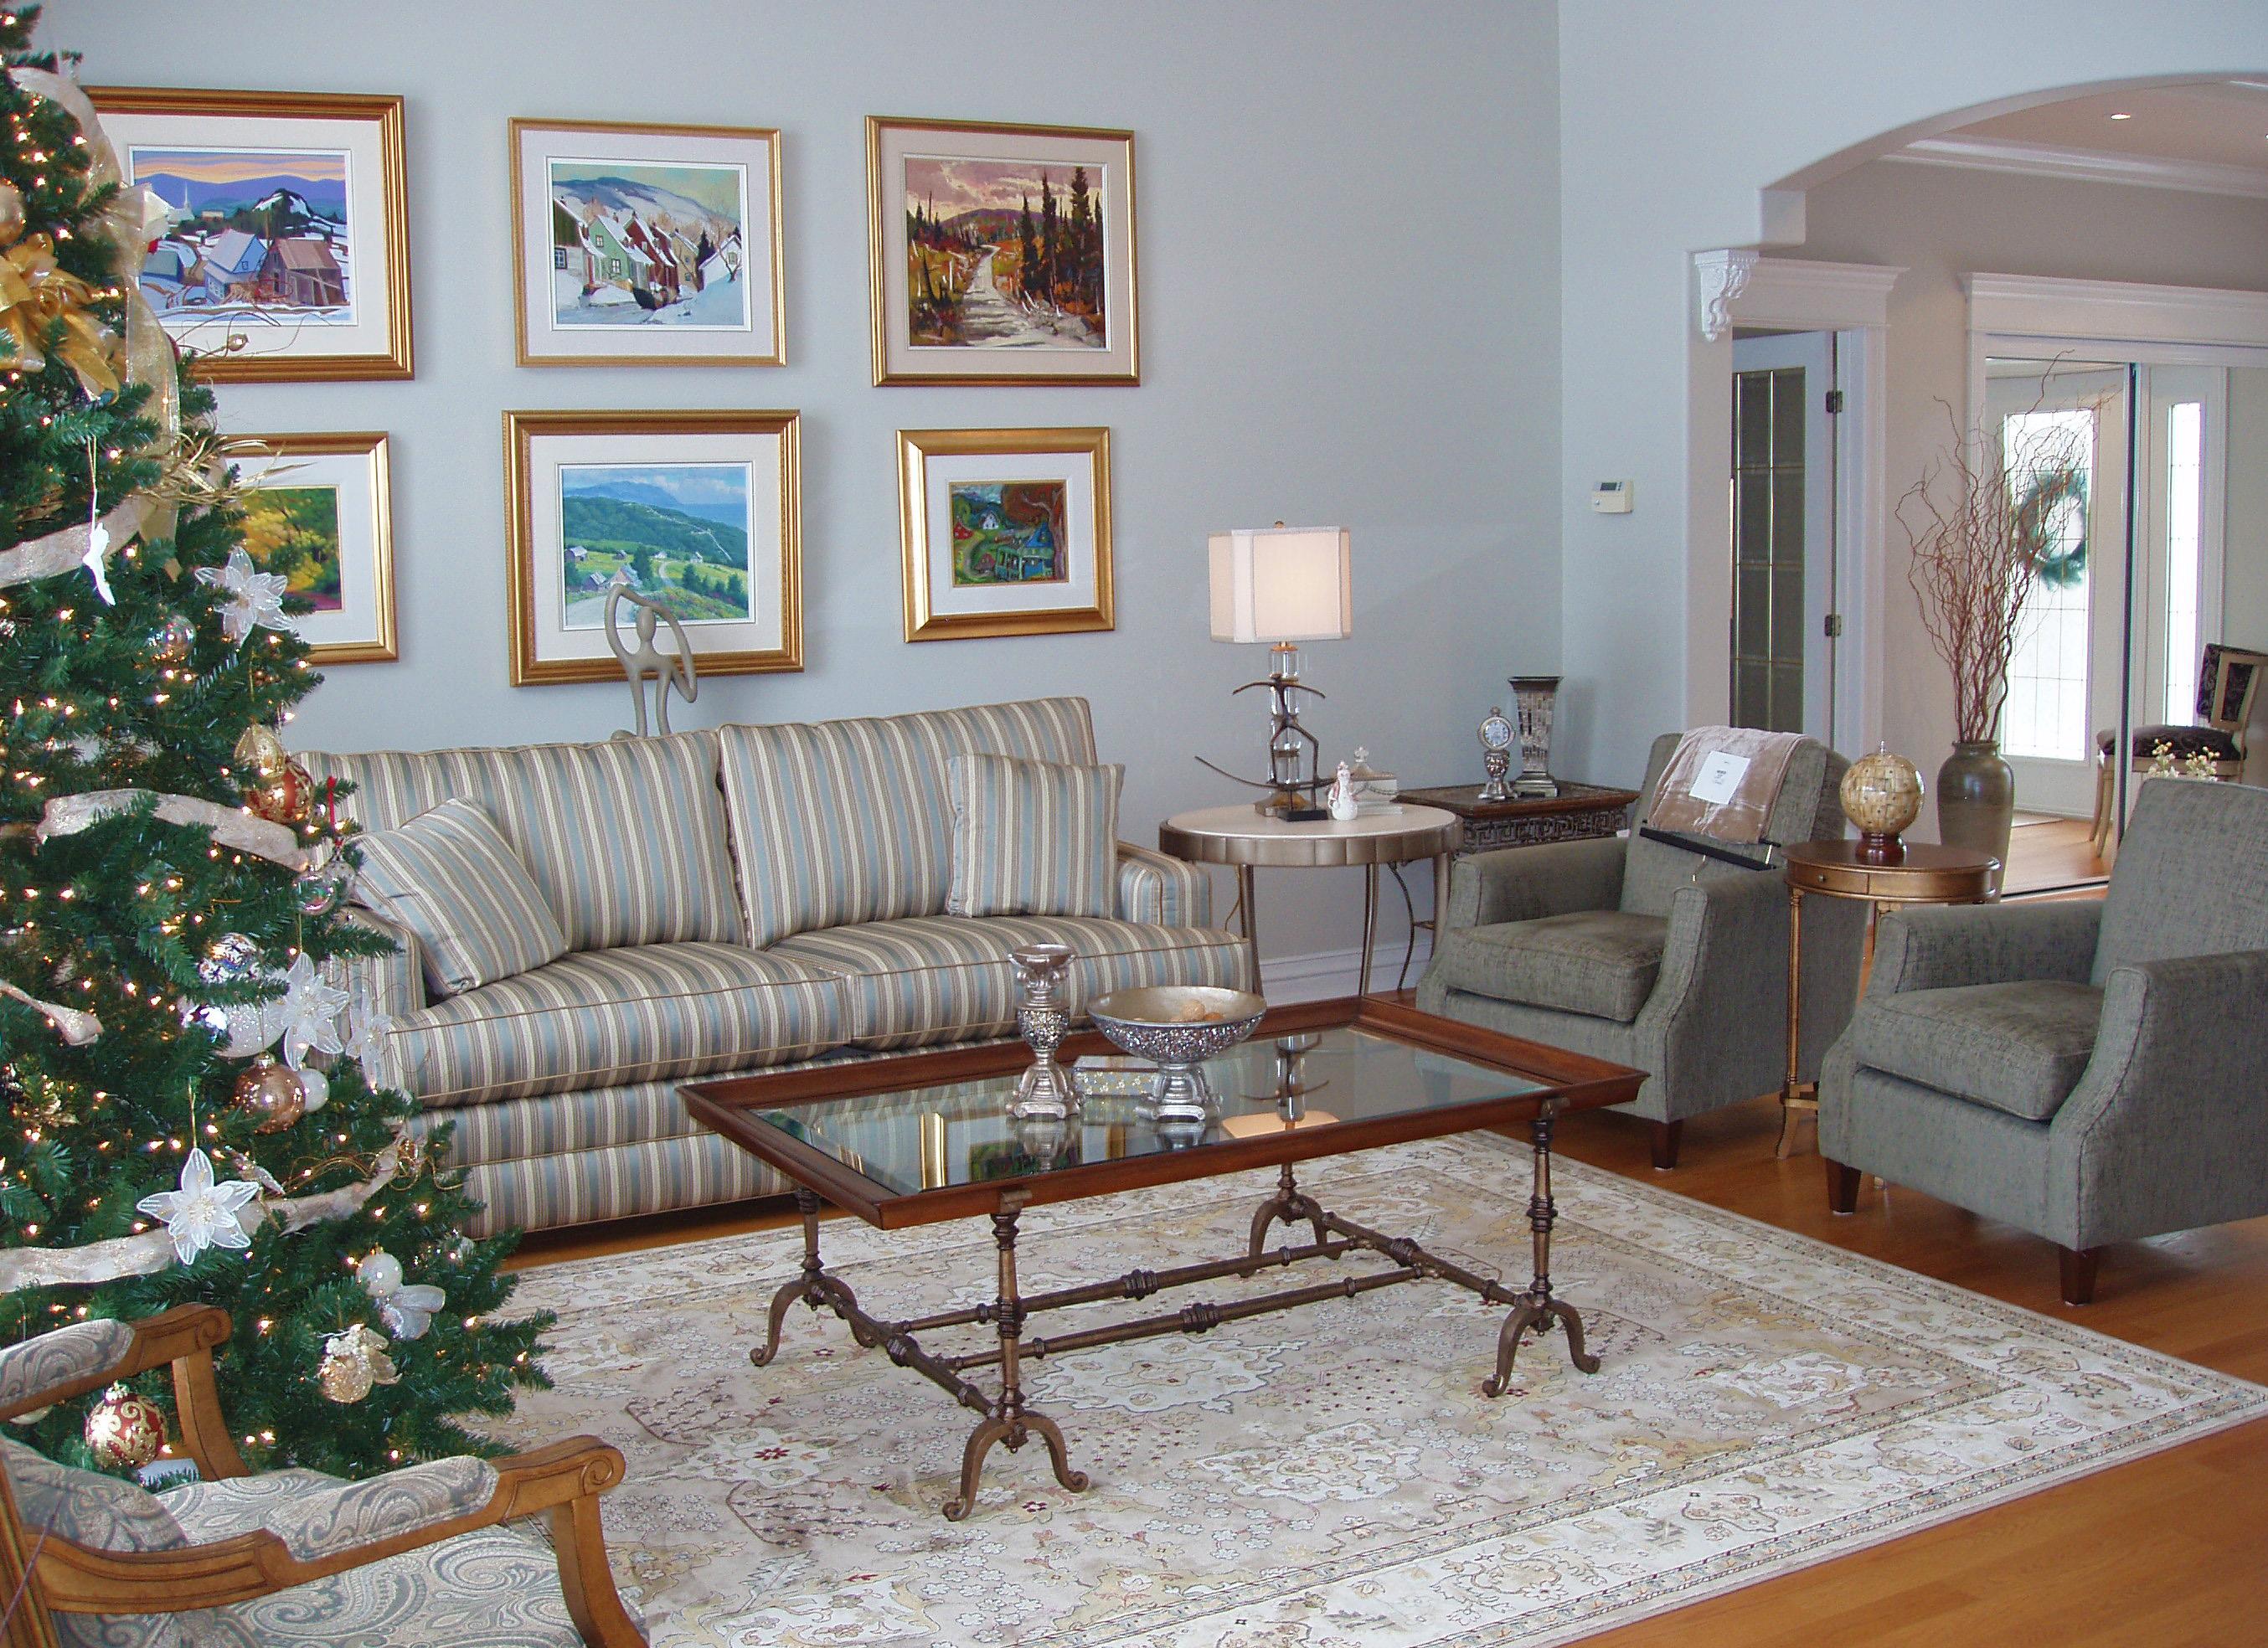 Residential Home Design - Living Room